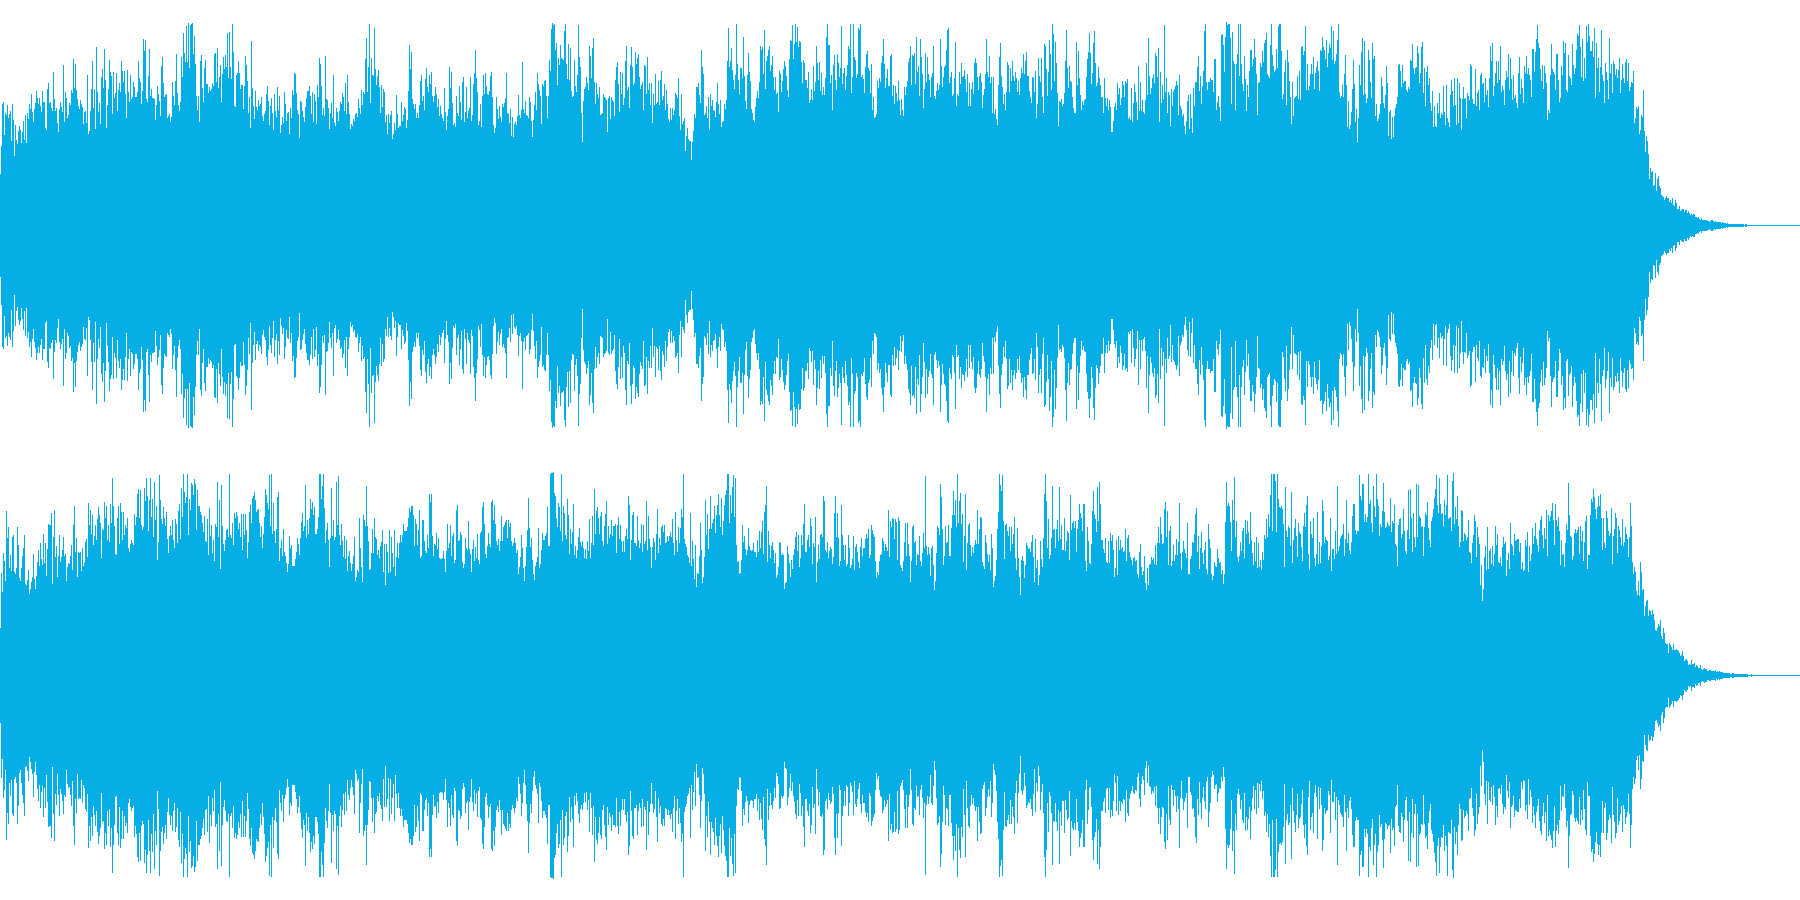 恐怖感を演出するミステリアスなBGMの再生済みの波形